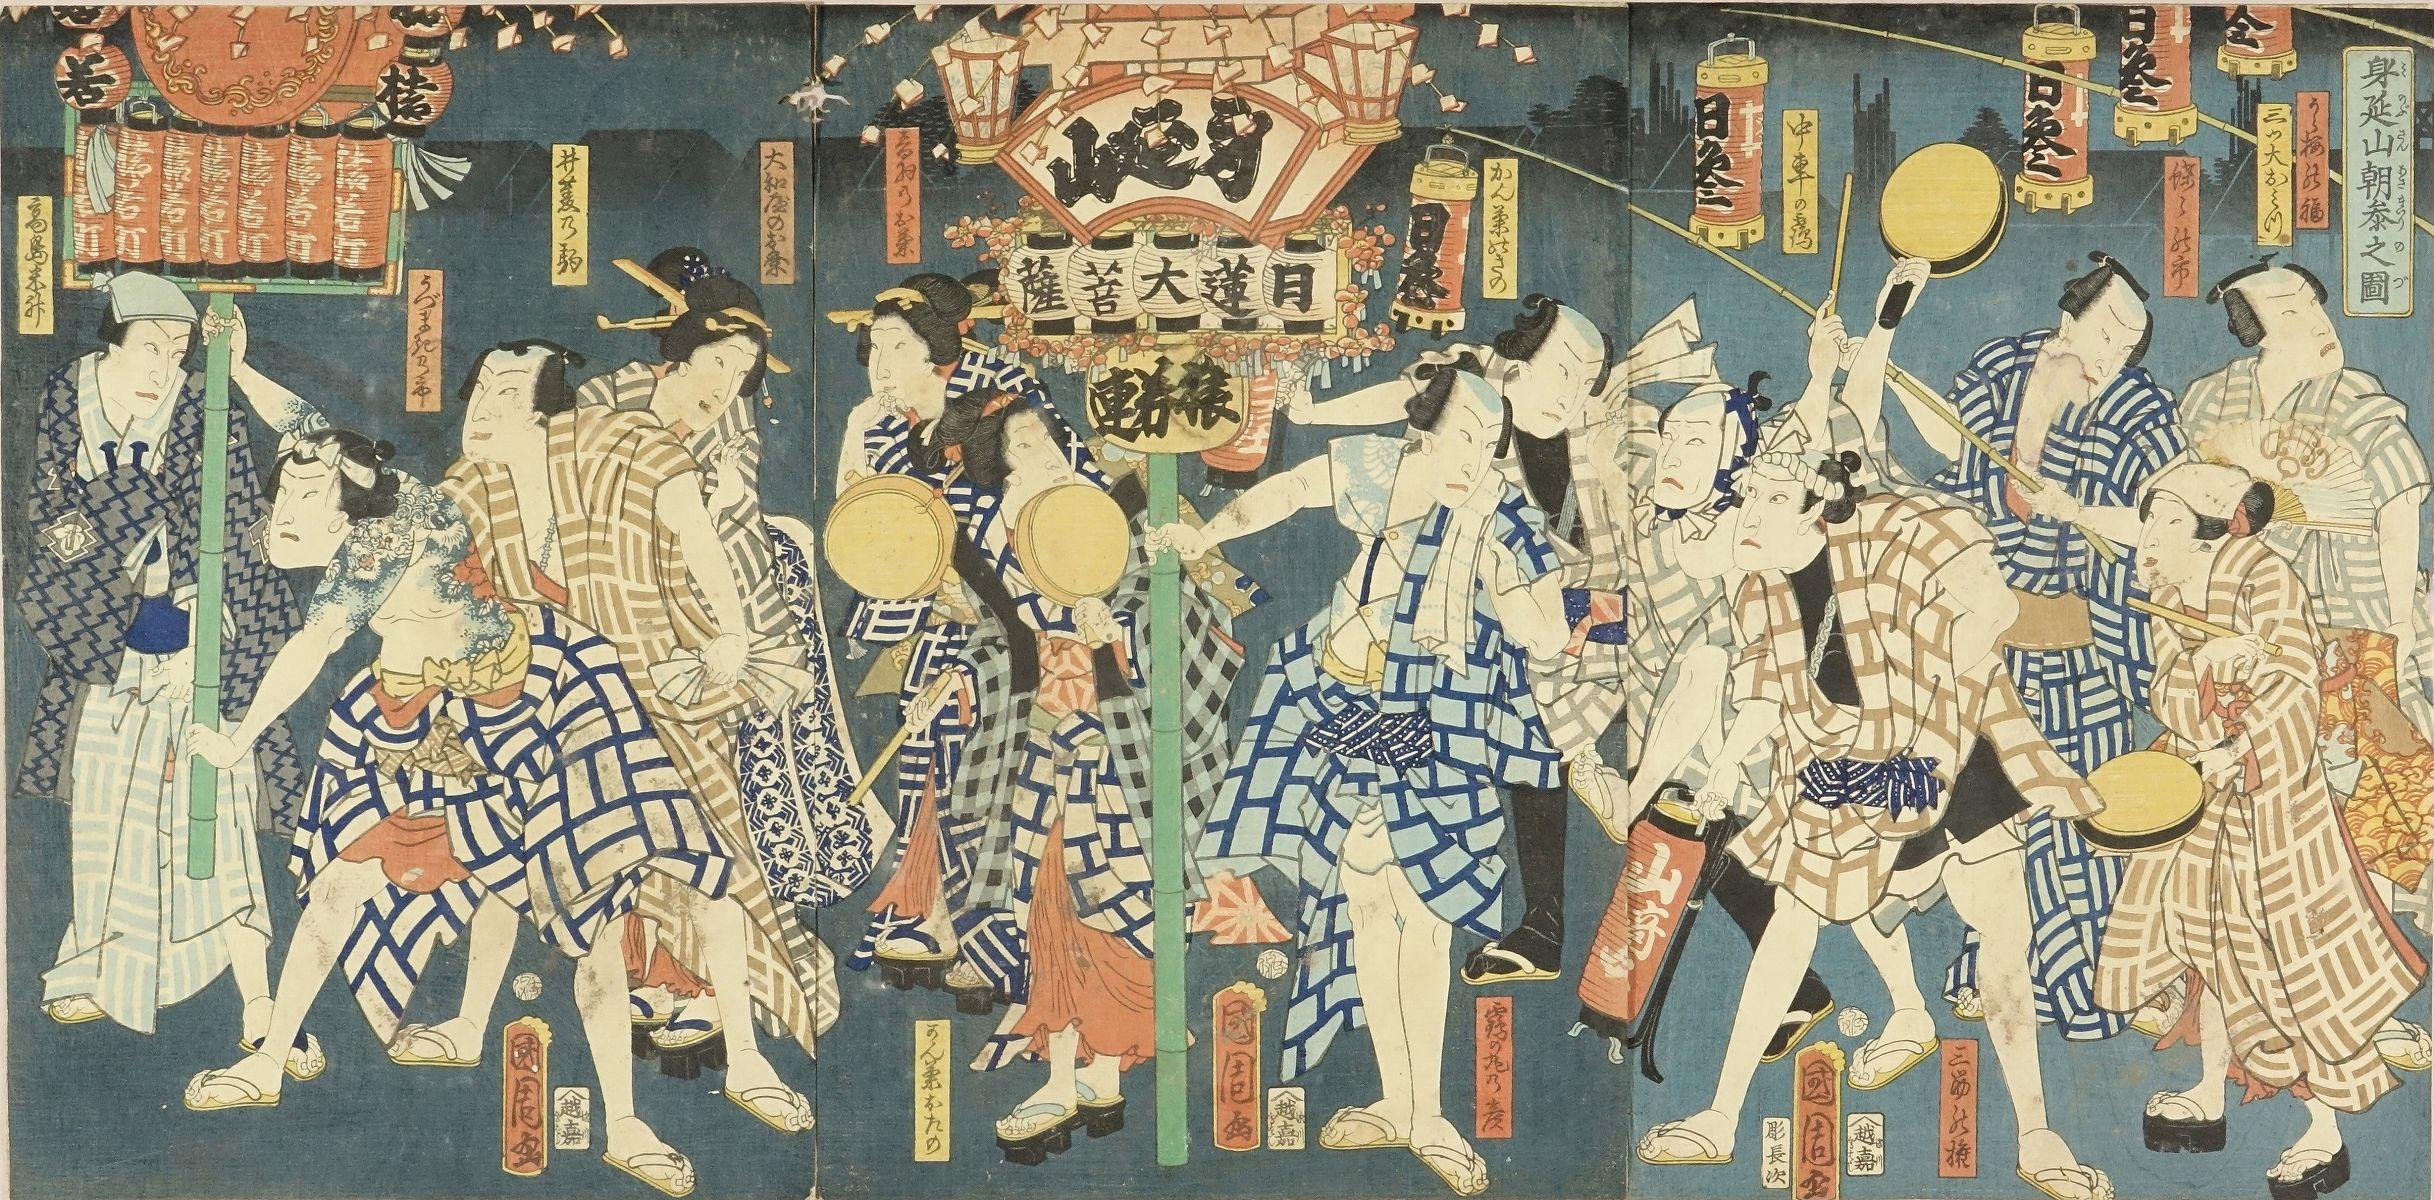 KUNICHIKA Actors visiting Minobu Shrine, triptych